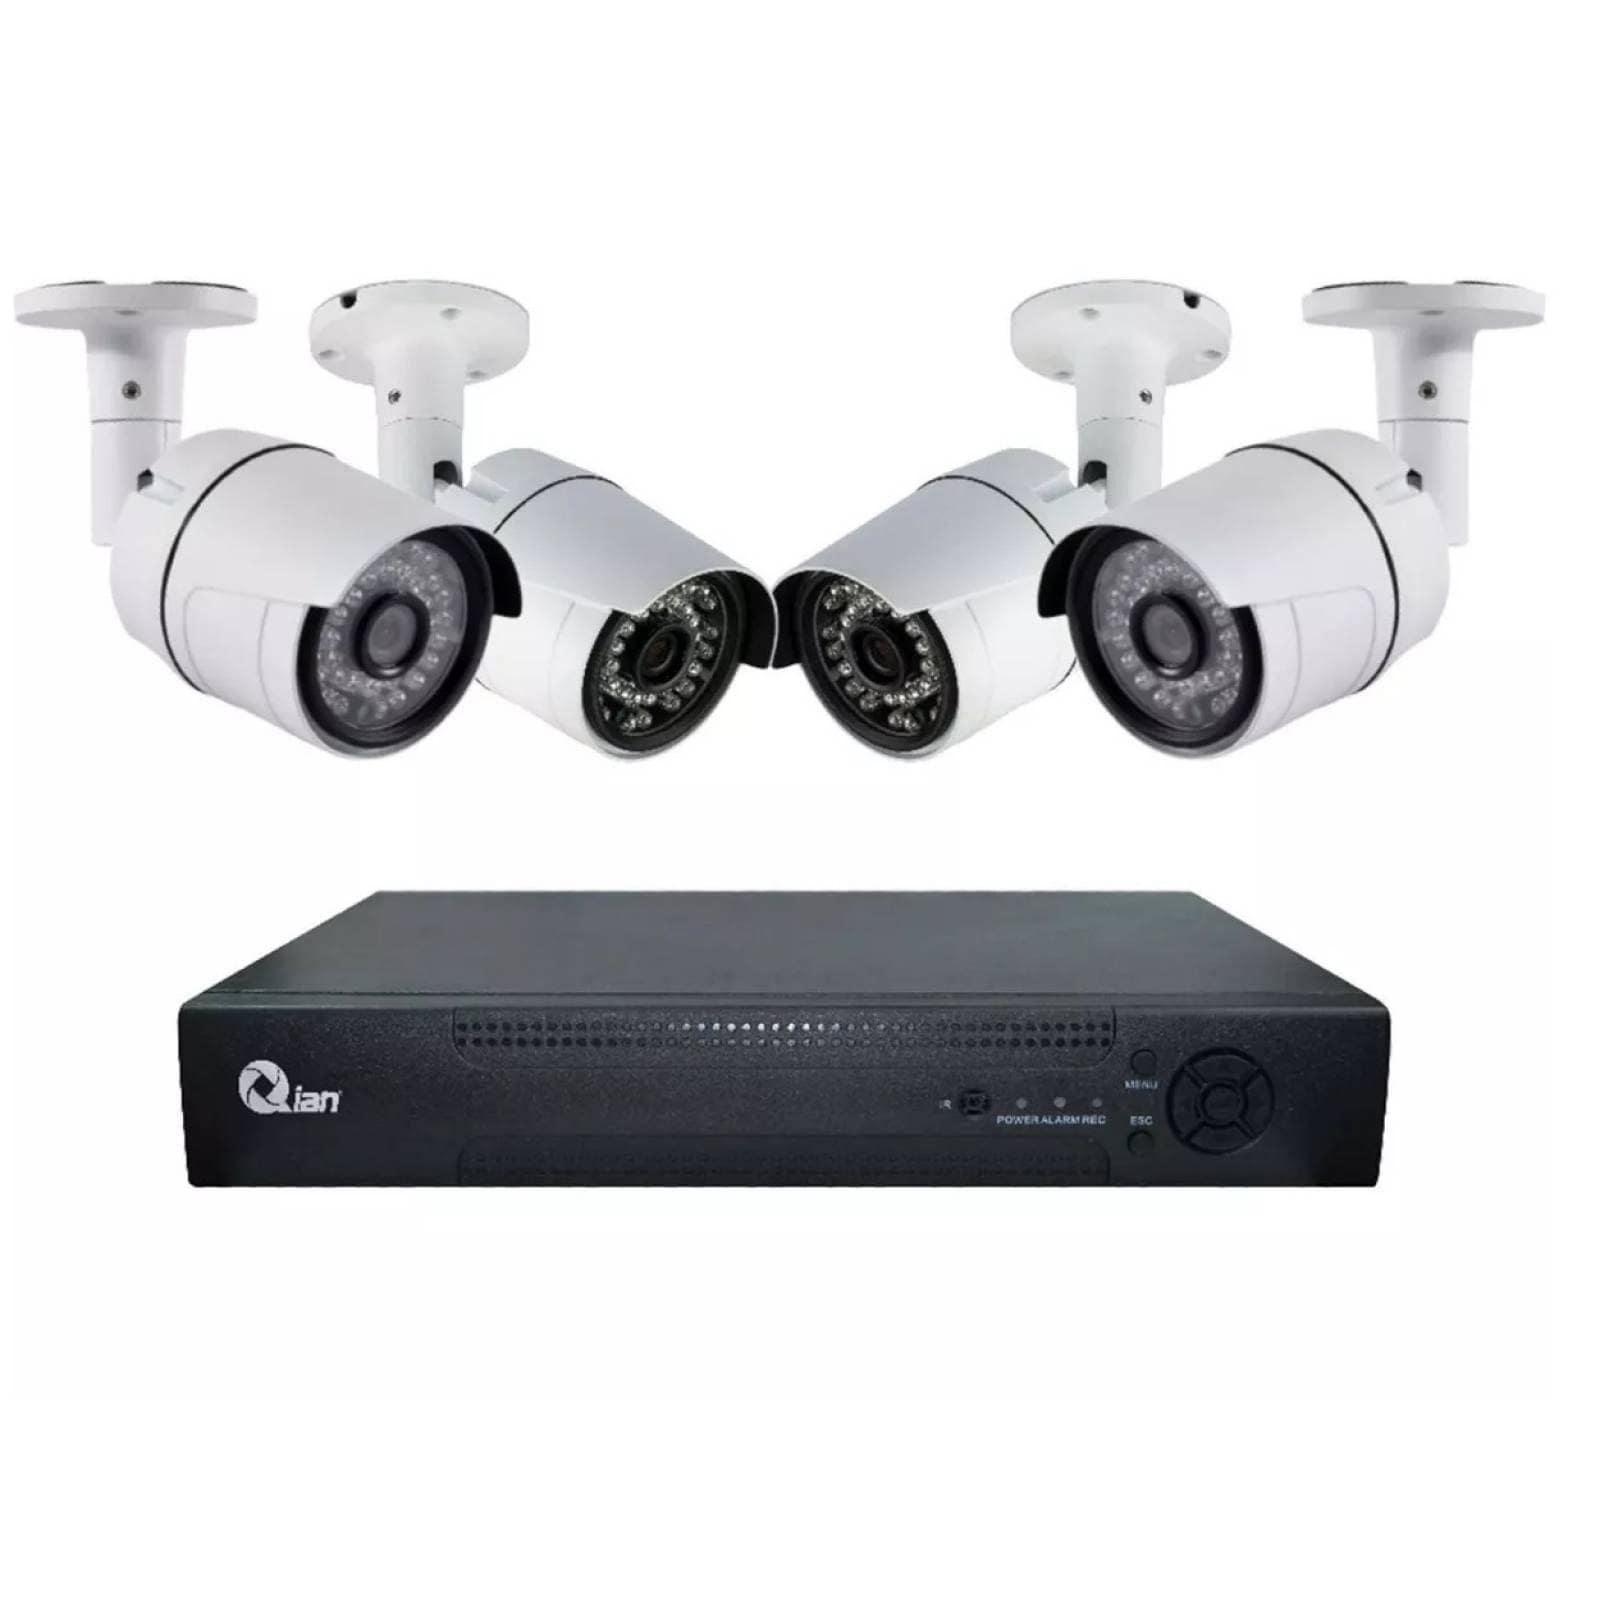 Kit De Vigilancia Qian 4 Canales+4 Camaras 55-531 Qkc4d41701